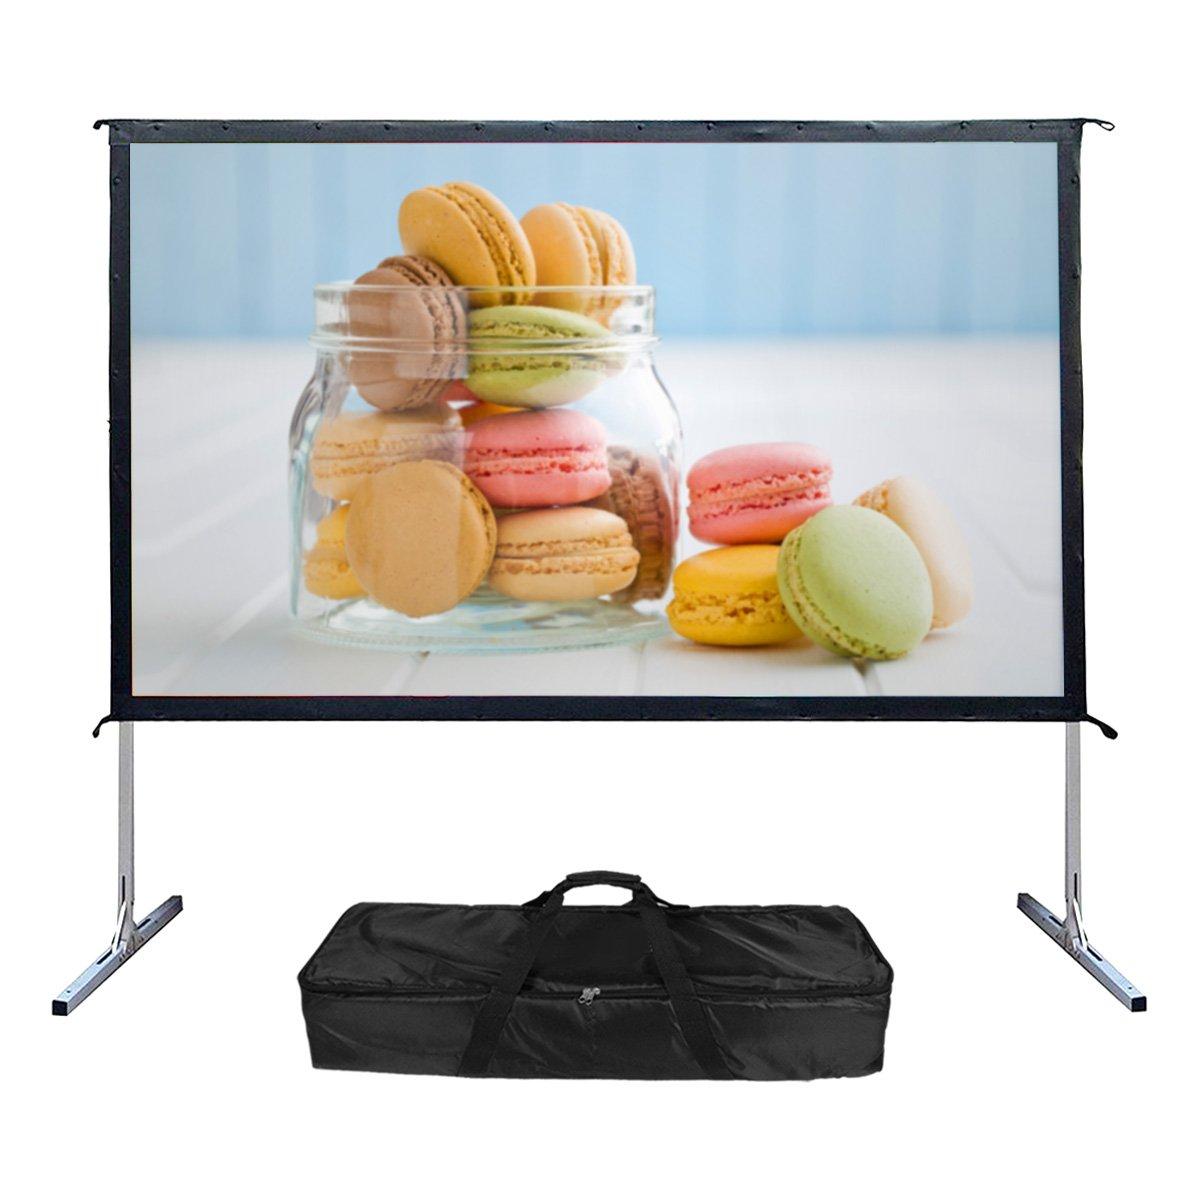 Mileagea Outdoor schermo 254cm 16: 94K Ultra HD Ready pieghevole portatile Movie Theater proiettore schermi ES-F25